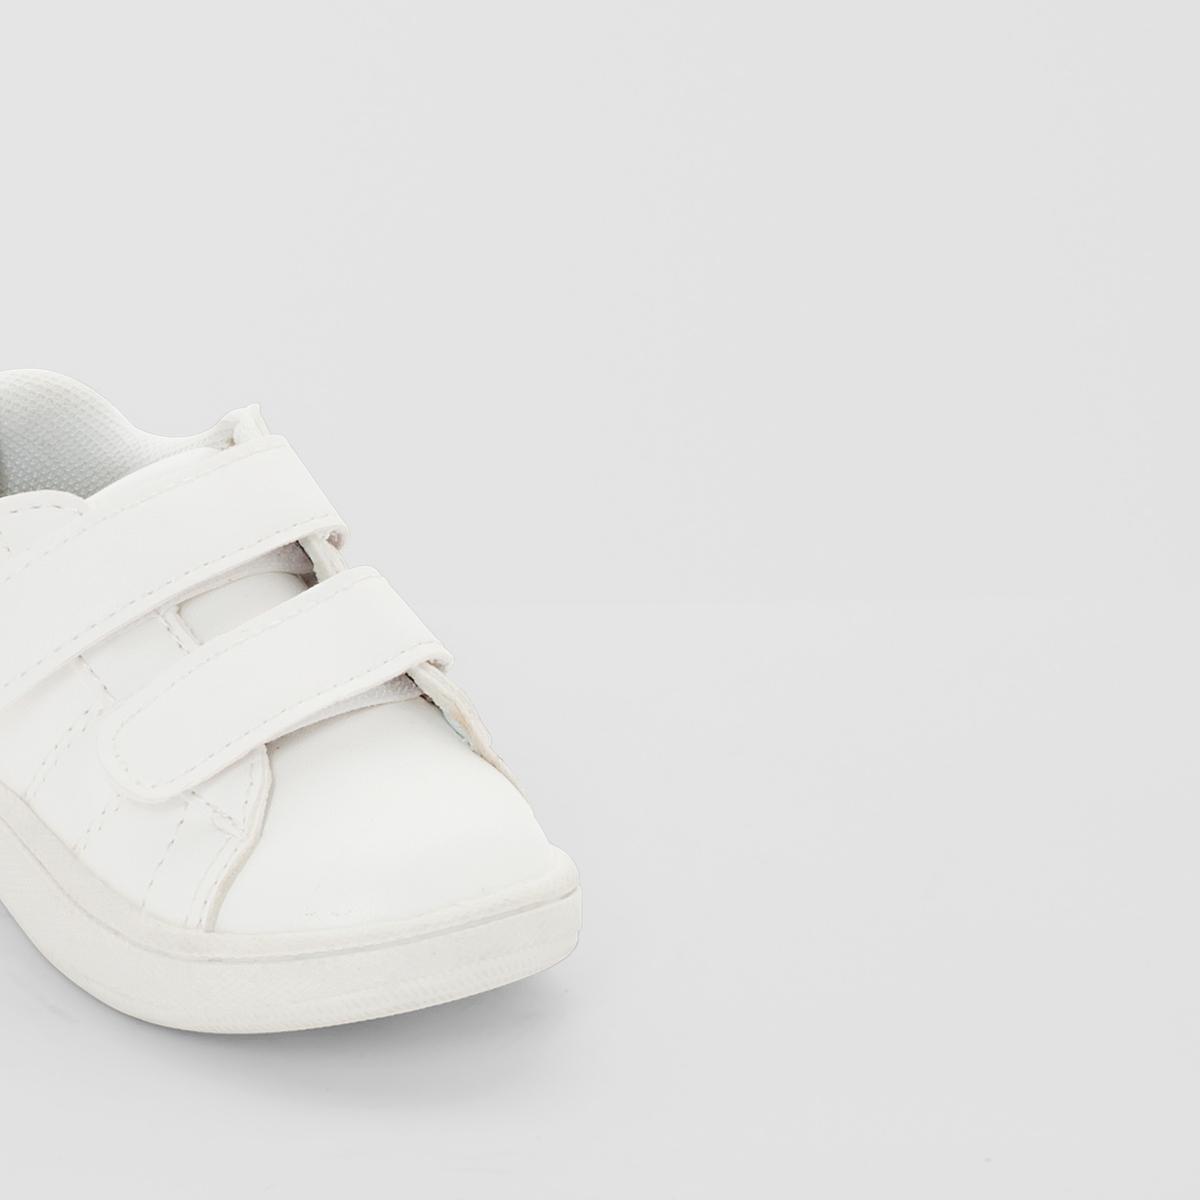 Кеды синтетическиеДетали  •  Спортивный стиль •  Плоский каблук •  Застежка : планка-велкроСостав и уход  •  Верх 100% полиуретан •  Подкладка 100% хлопок<br><br>Цвет: белый<br>Размер: 22.21.23.24.19.25